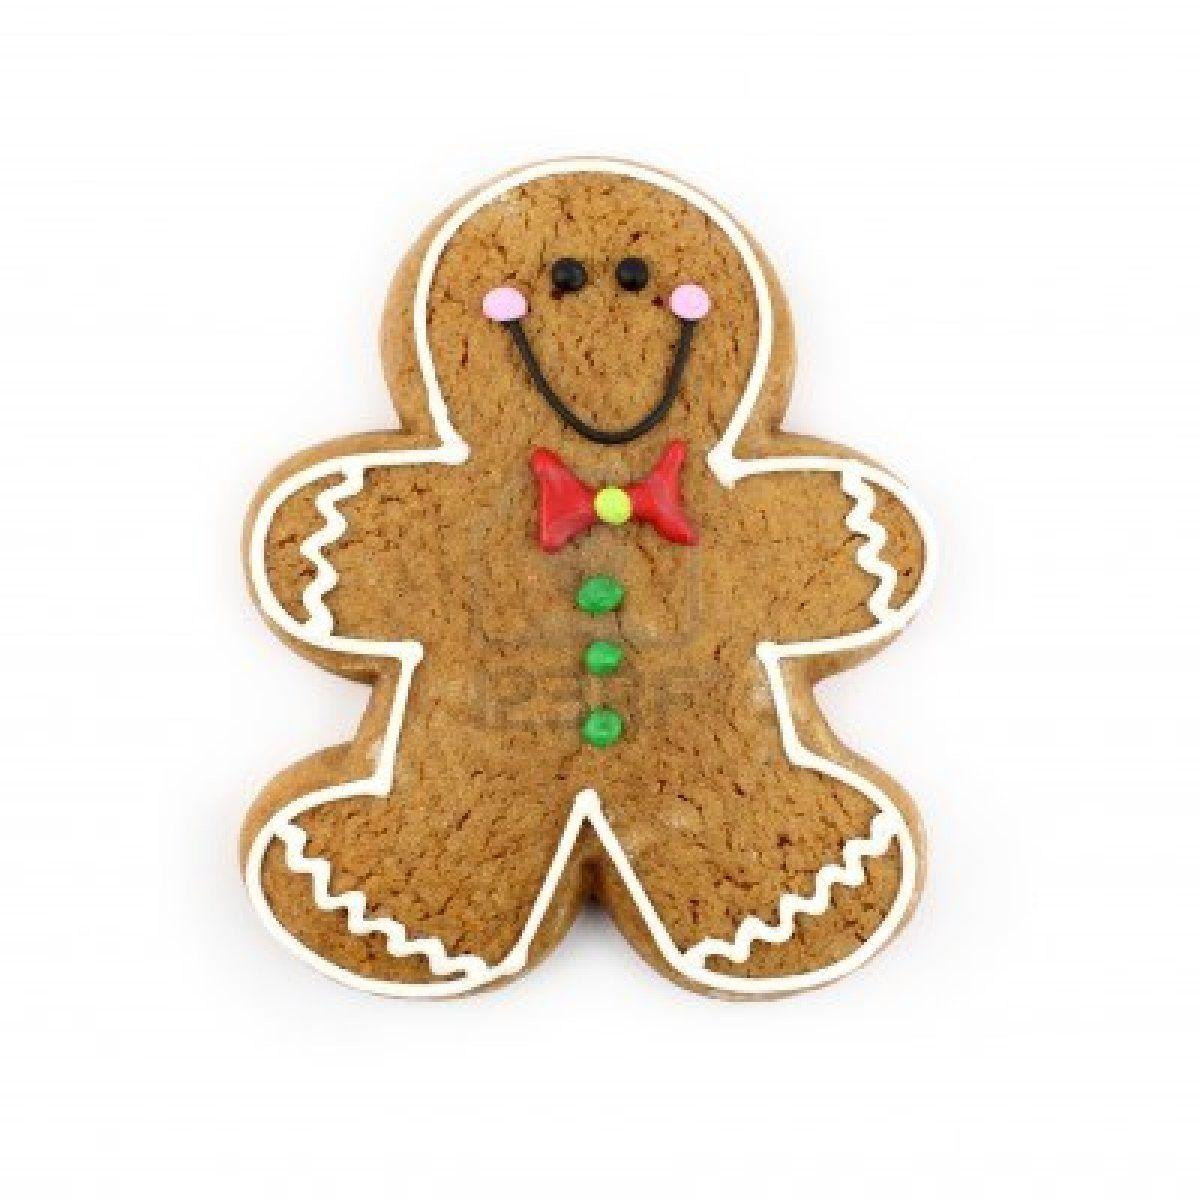 Hombre De Jengibre Coffee Flavor Gingerbread Gingerbread Man Cookies